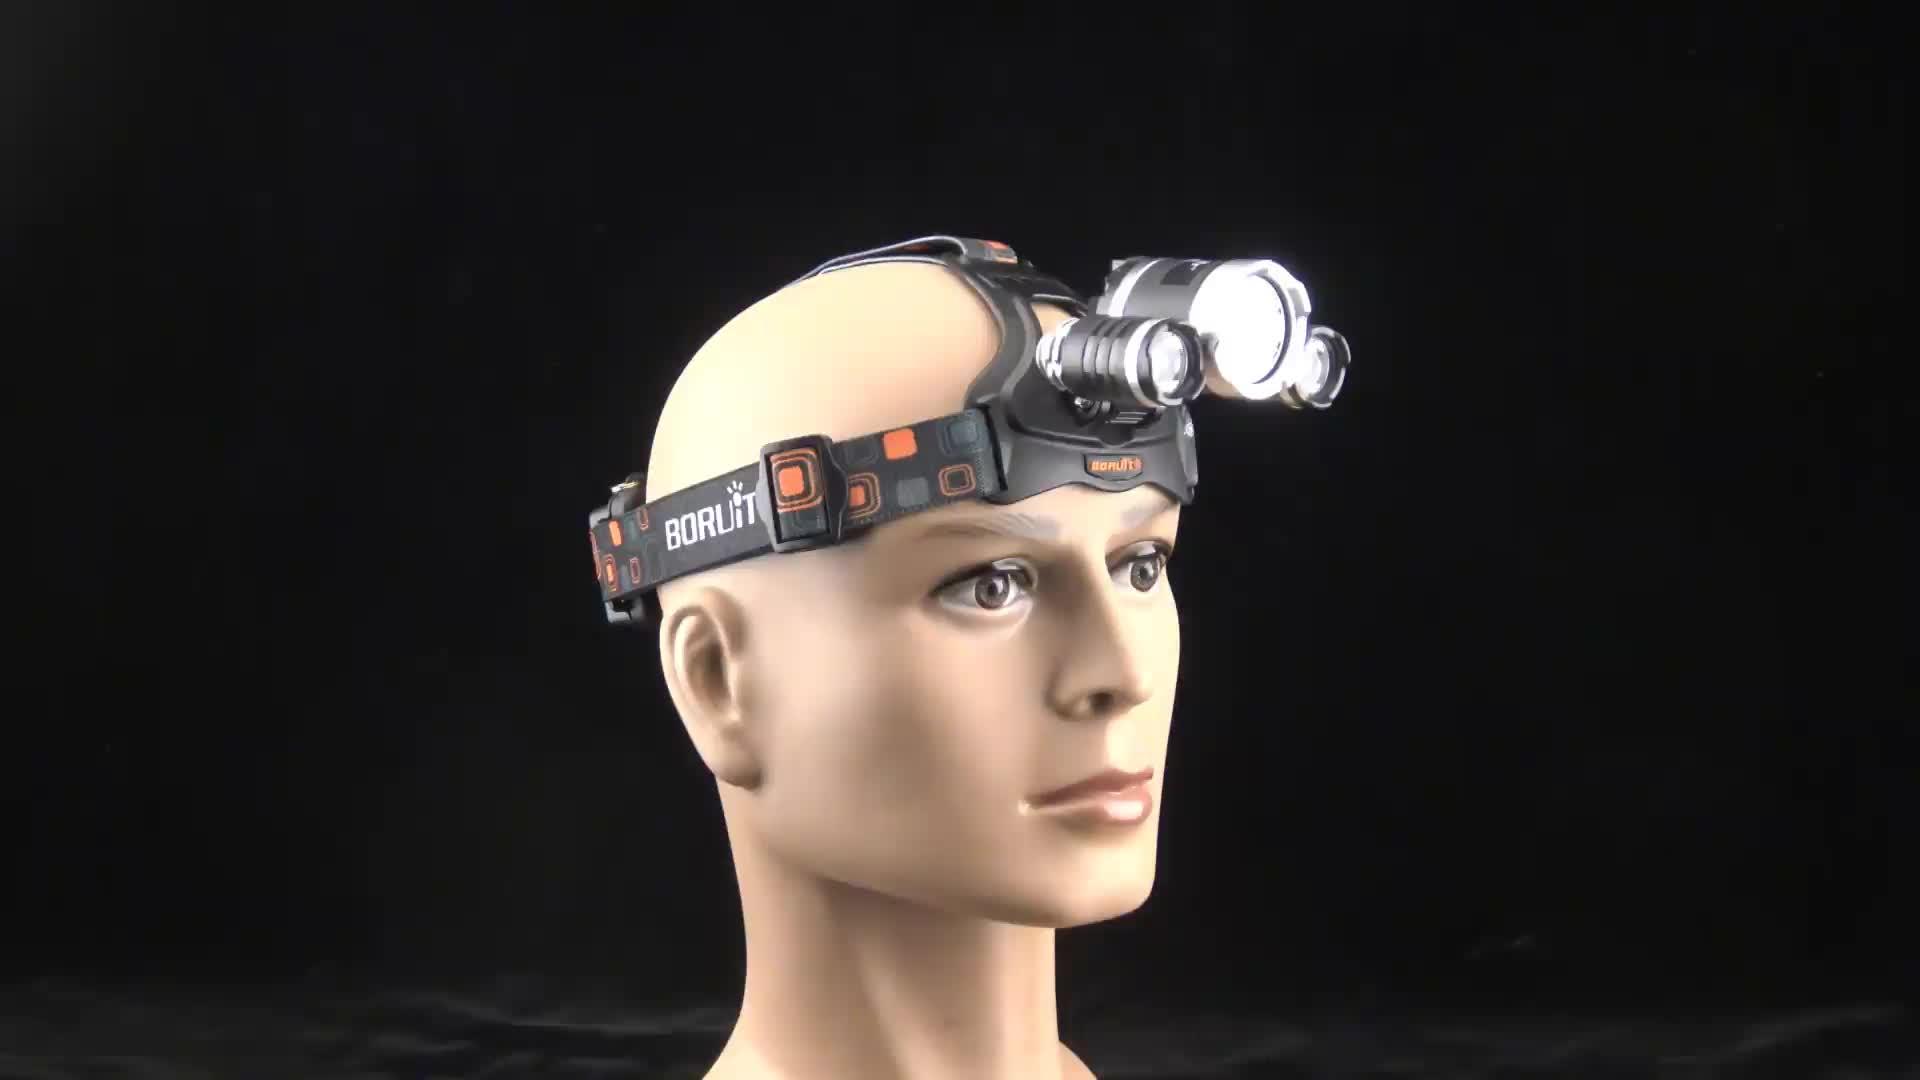 Tochas de Cabeça recarregável USB luz L2 Flash LED Cabeça Lâmpadas High Power Zoom Farol para a Caça